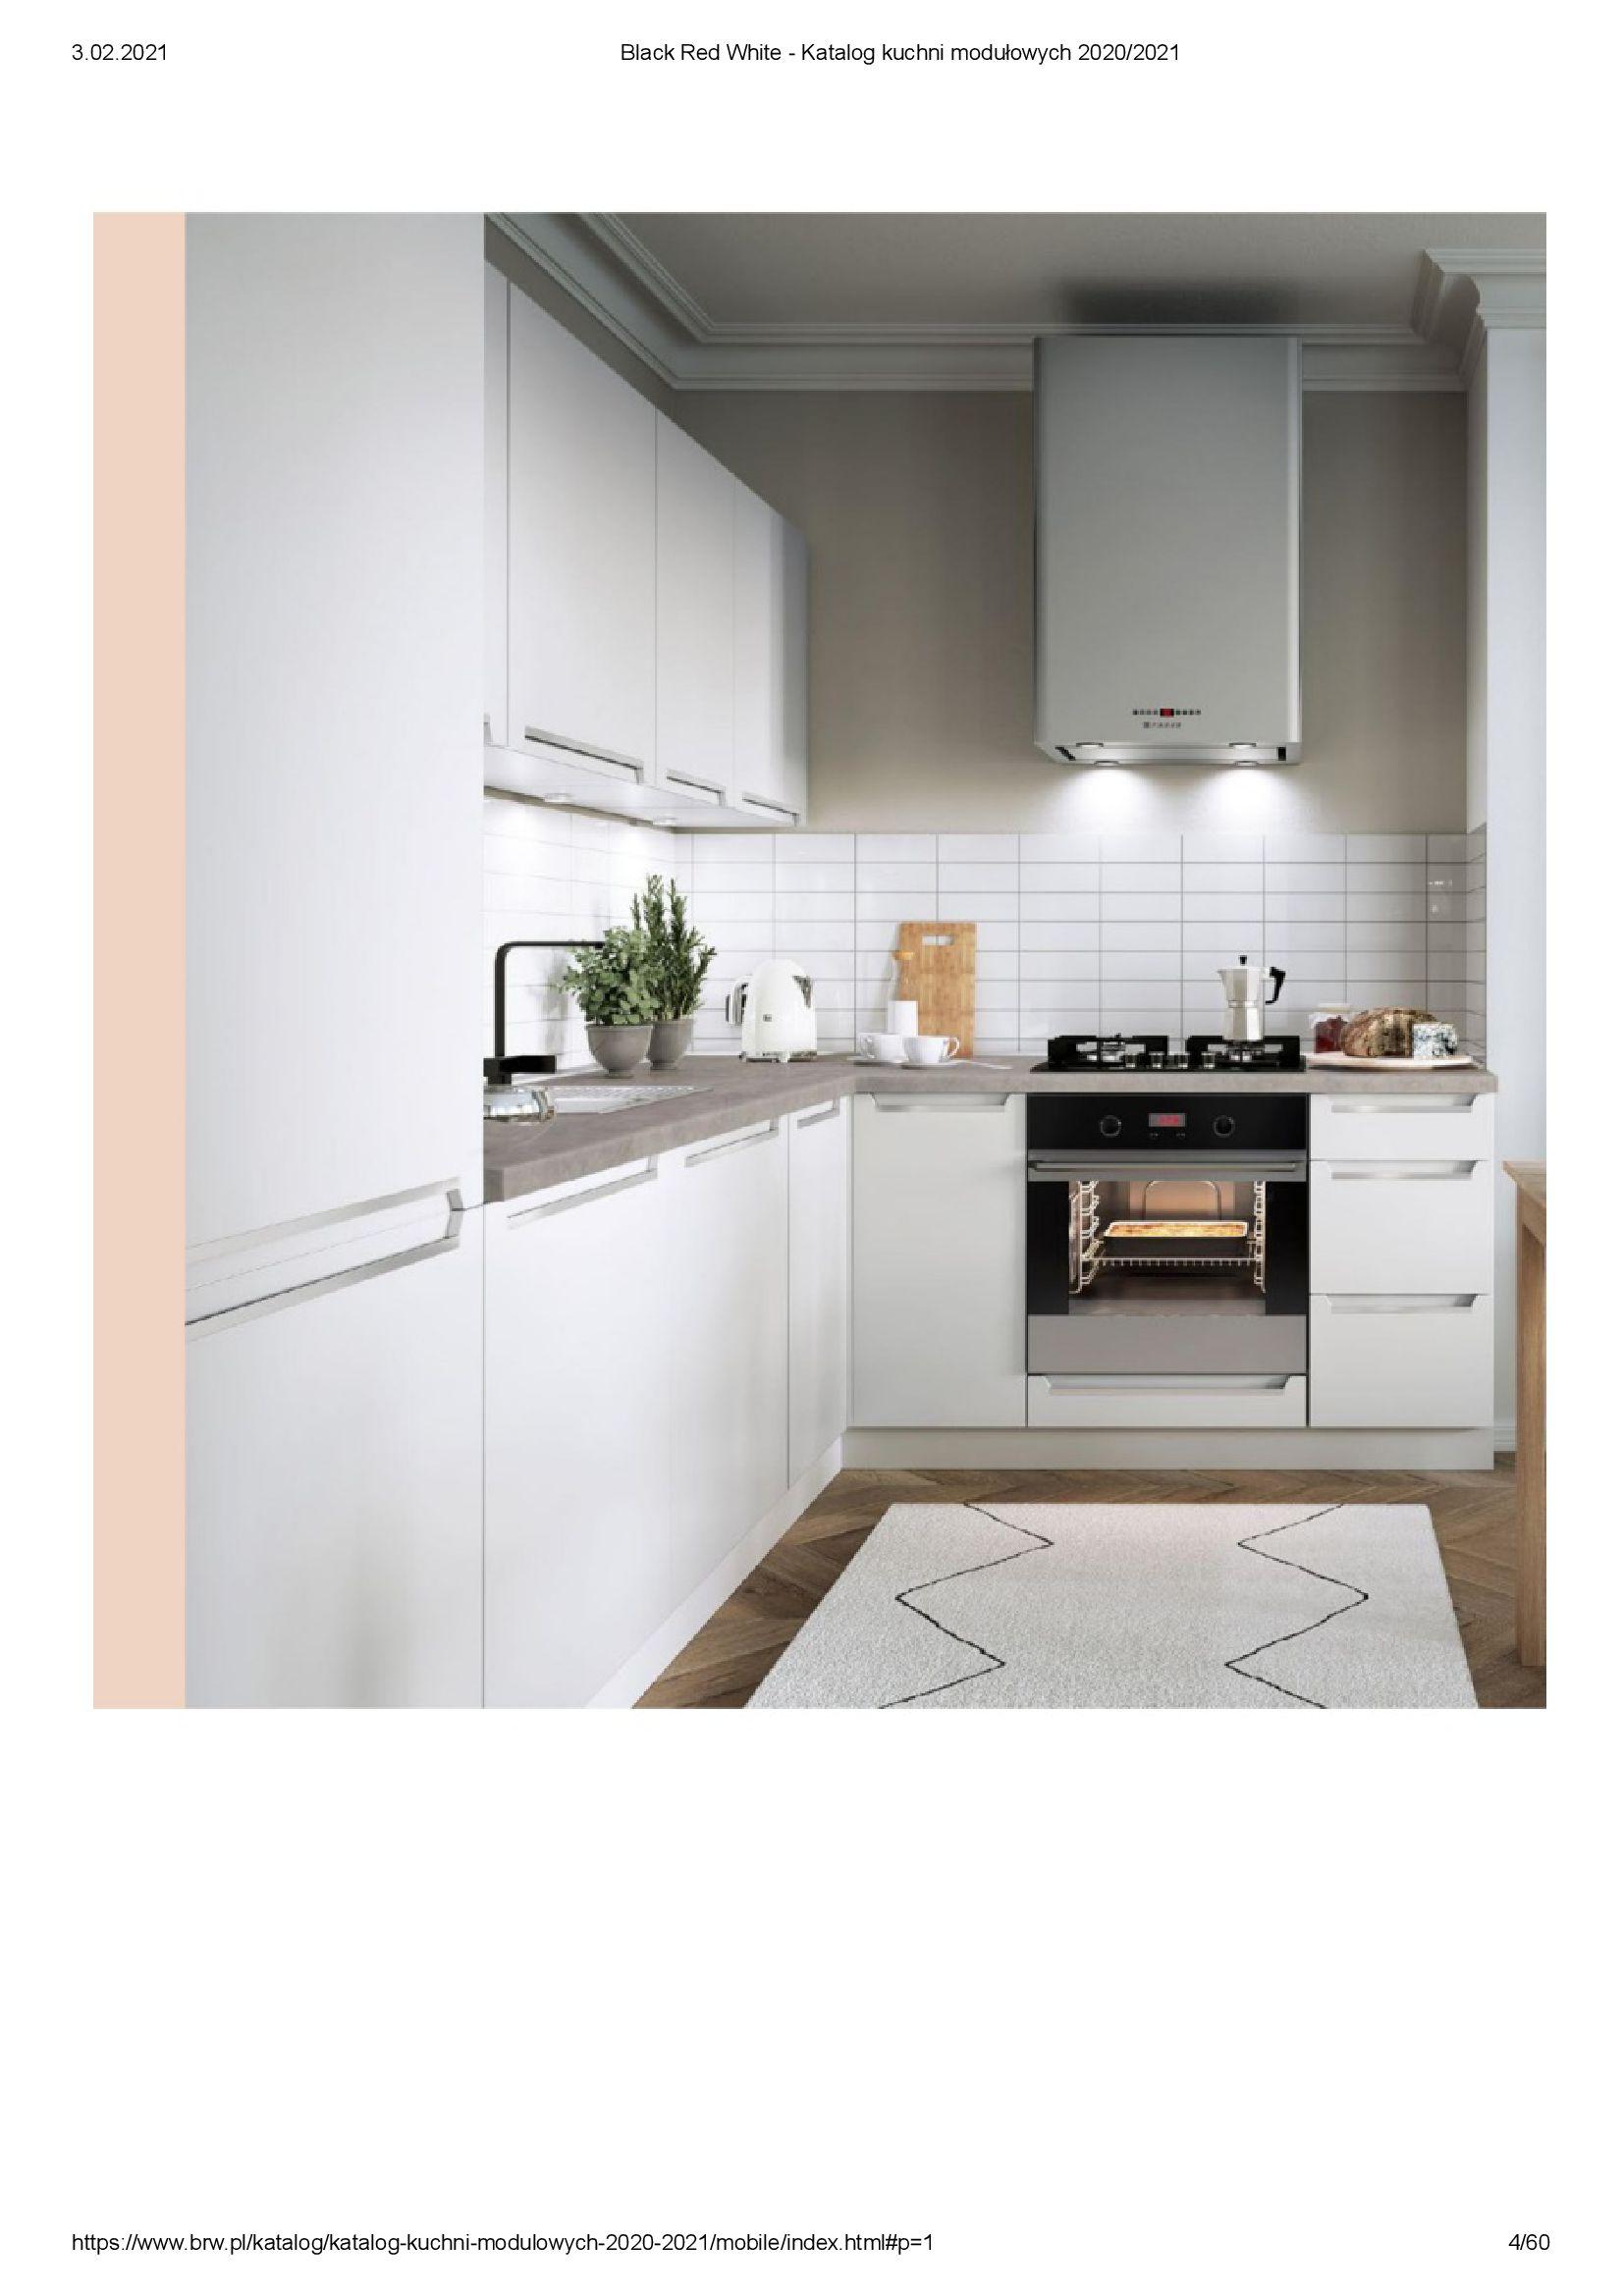 Gazetka Black Red White: Katalog - Kuchnie modułowe 2020/2021 2021-01-01 page-4